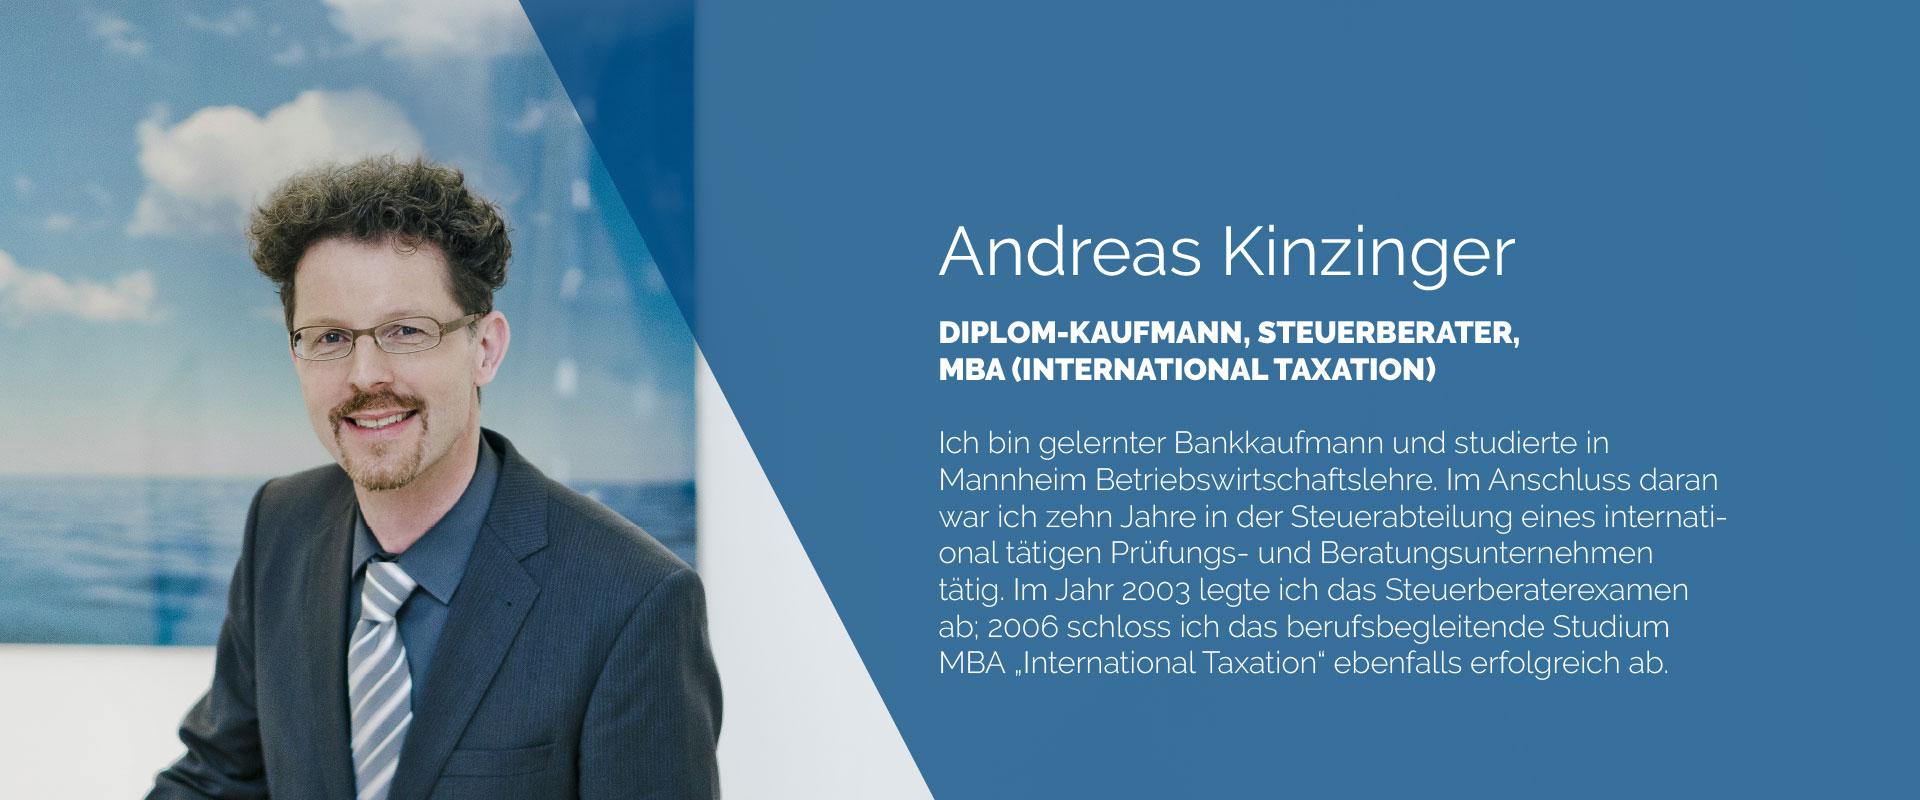 AndreasKinzinger